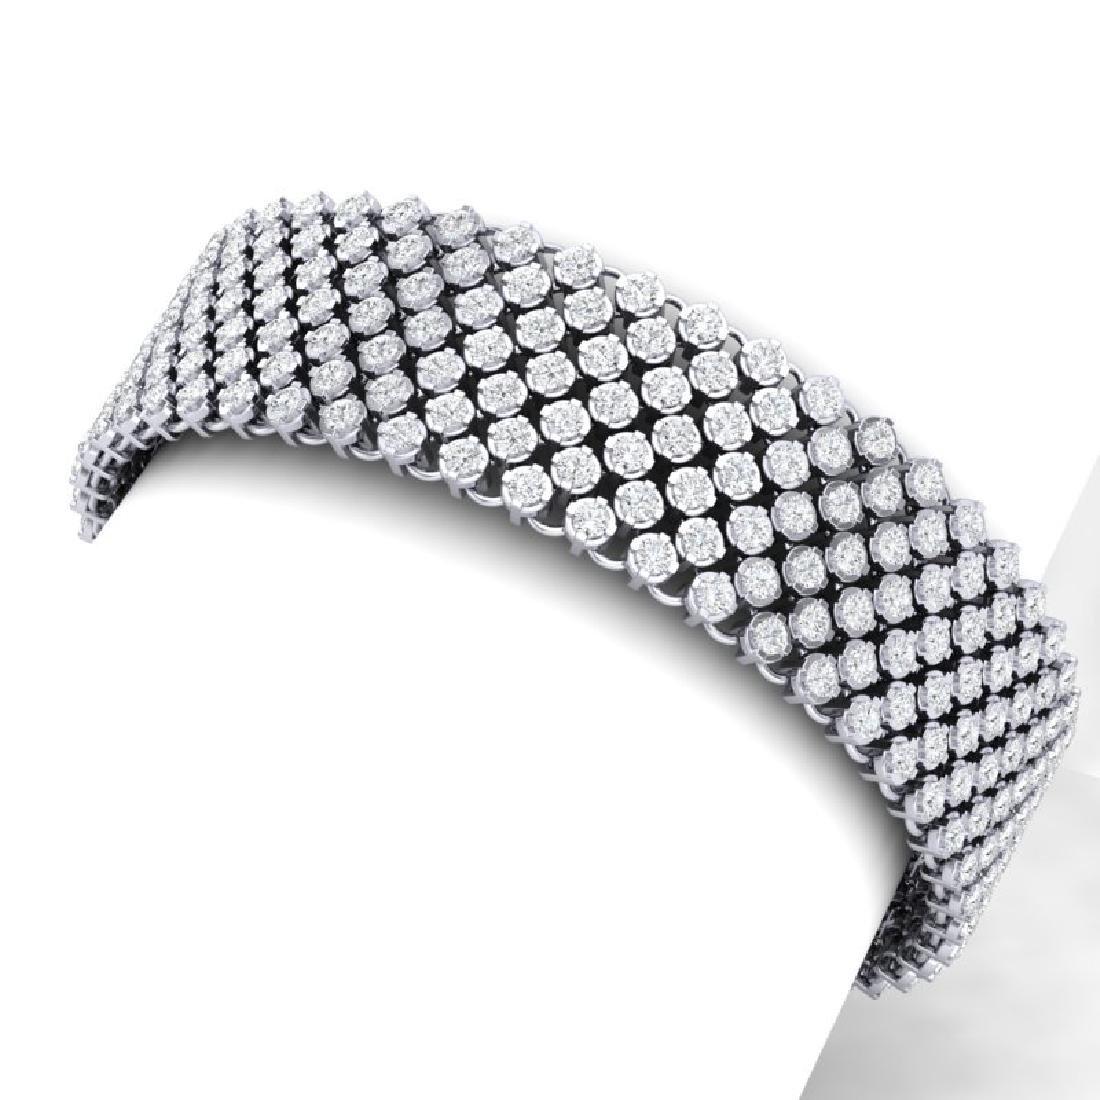 15 CTW Certified VS/SI Diamond Bracelet 15K 18K White